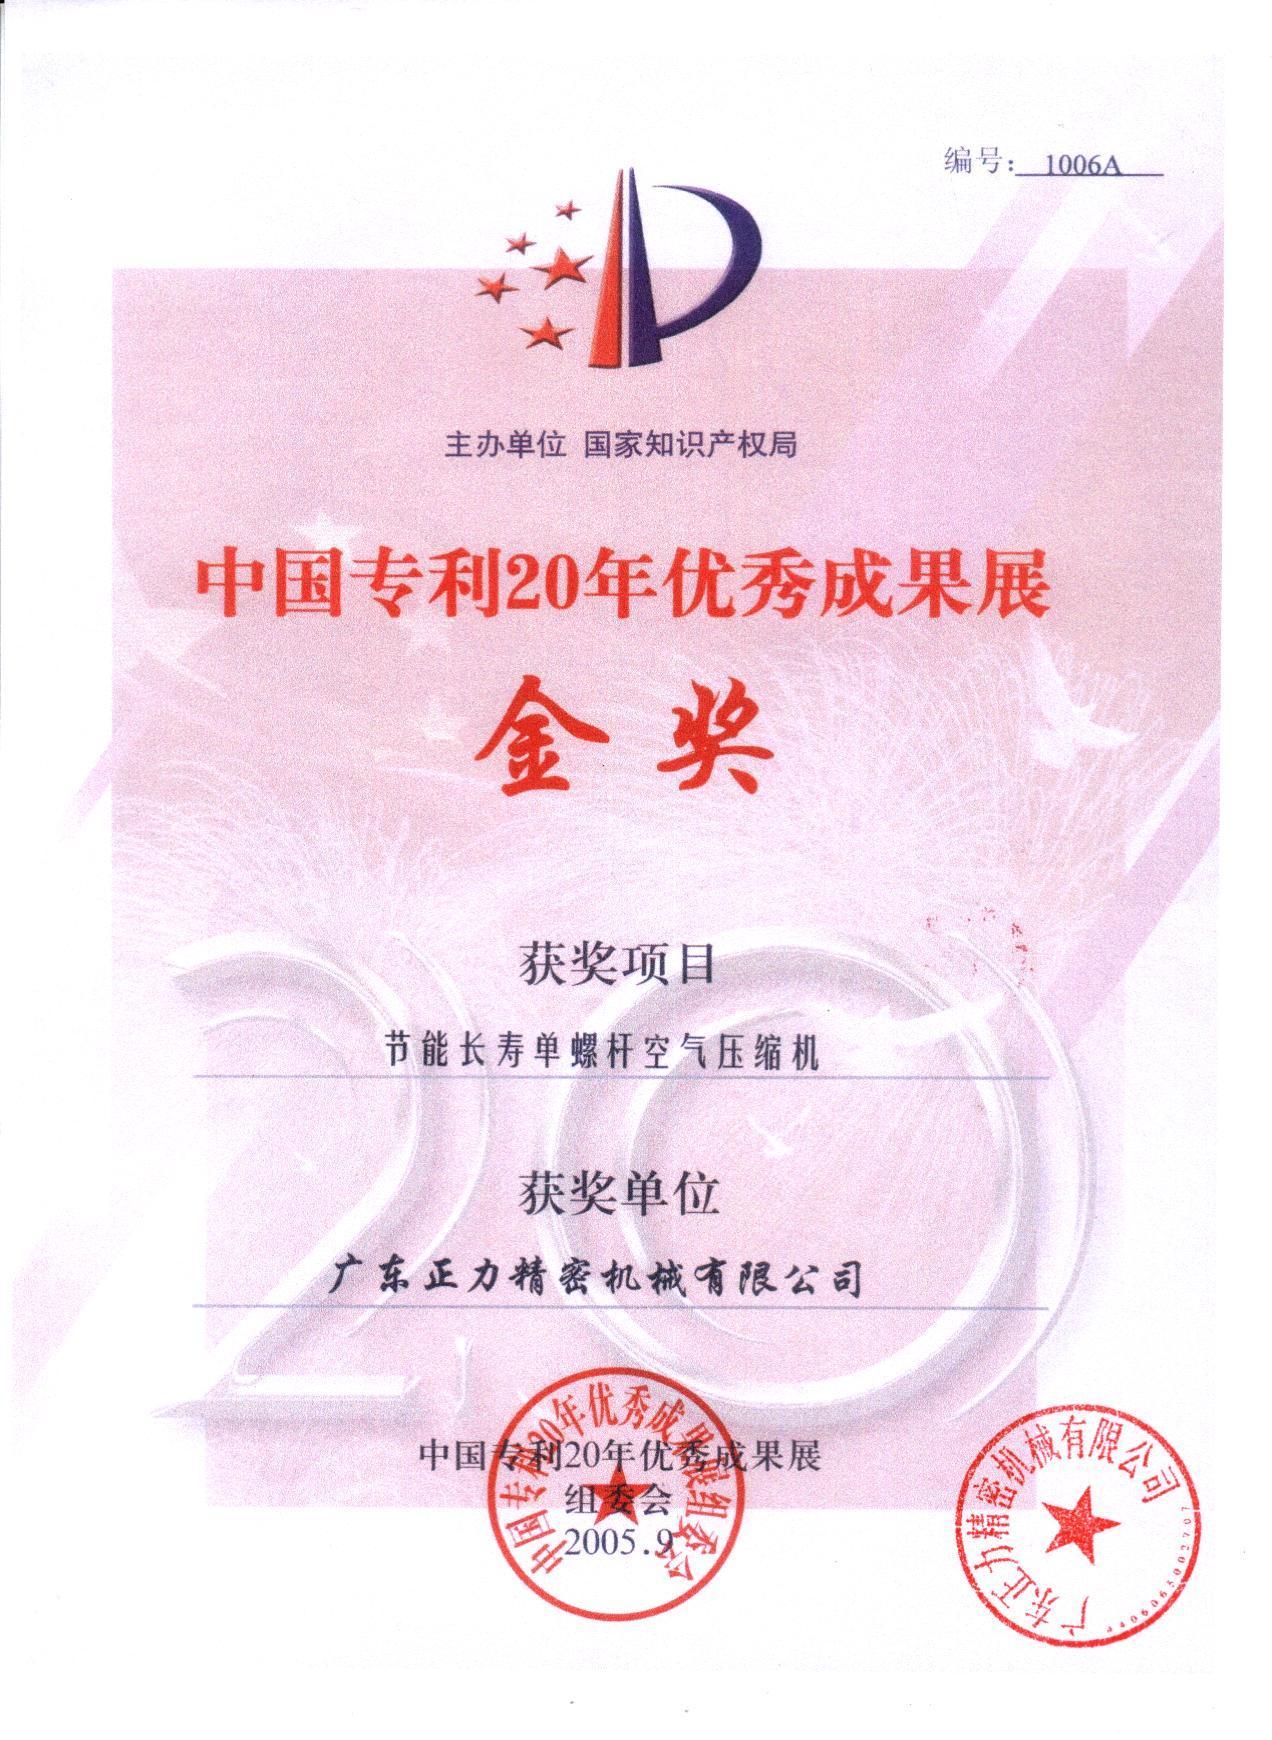 中国专利20年优秀成果展金奖